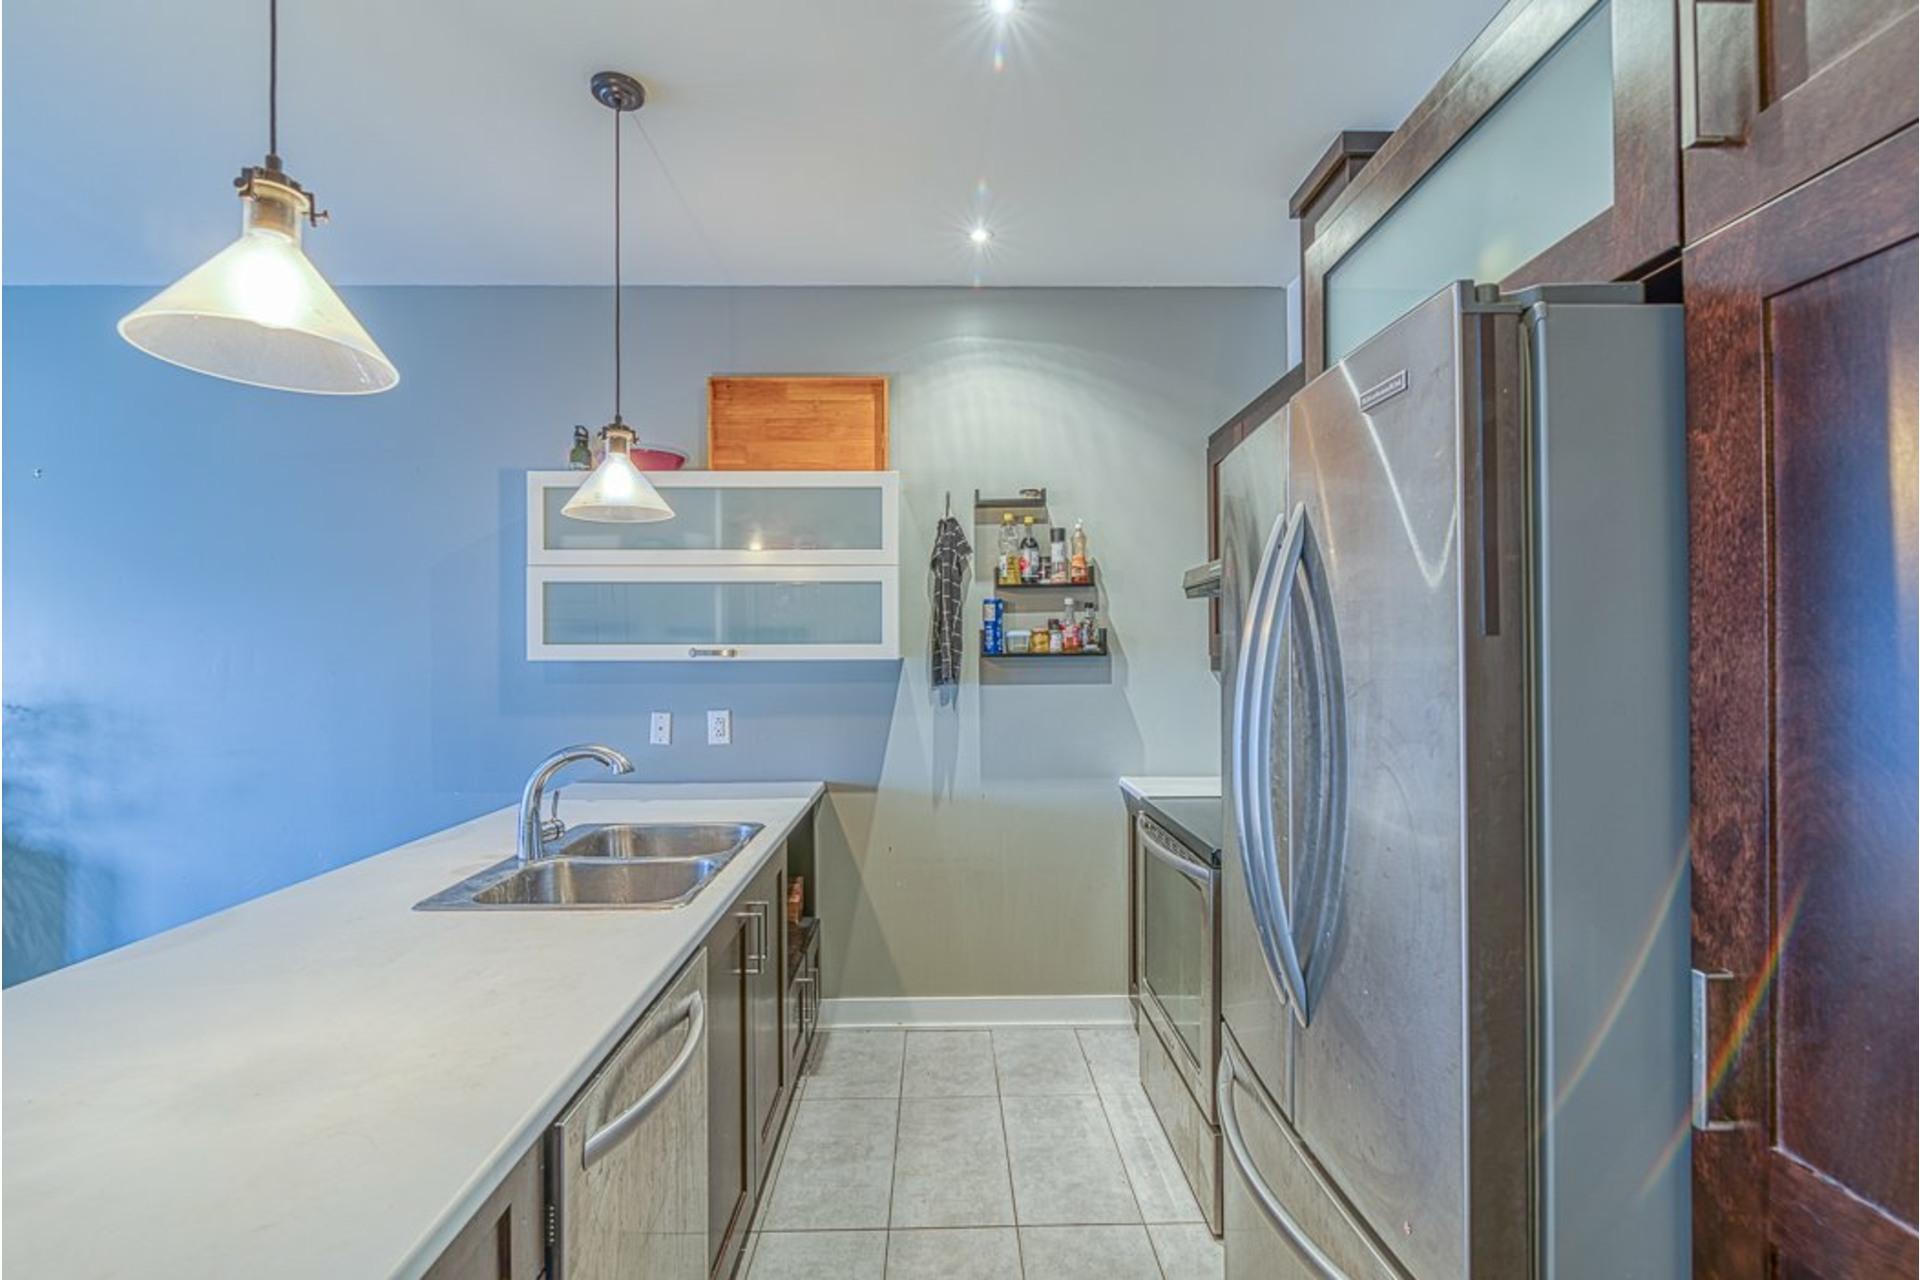 image 9 - Appartement À vendre Villeray/Saint-Michel/Parc-Extension Montréal  - 6 pièces